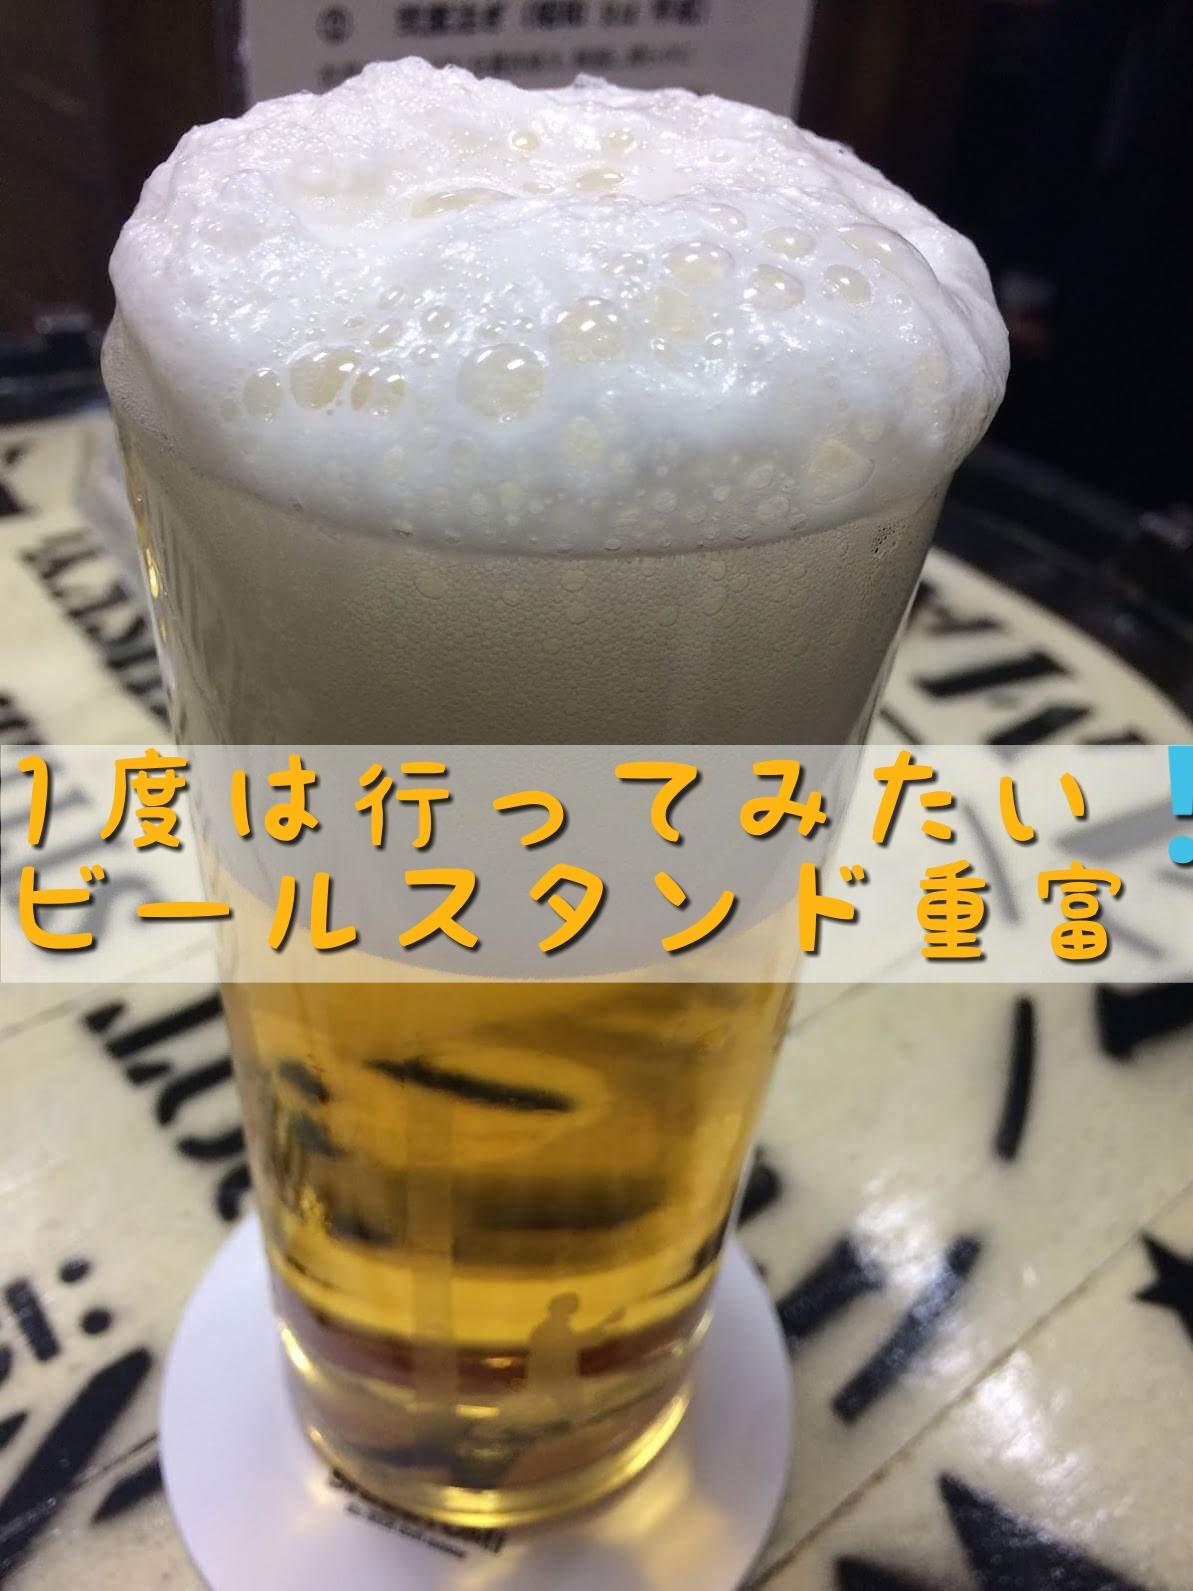 広島に来たからには外せないビールスタンドといえば!